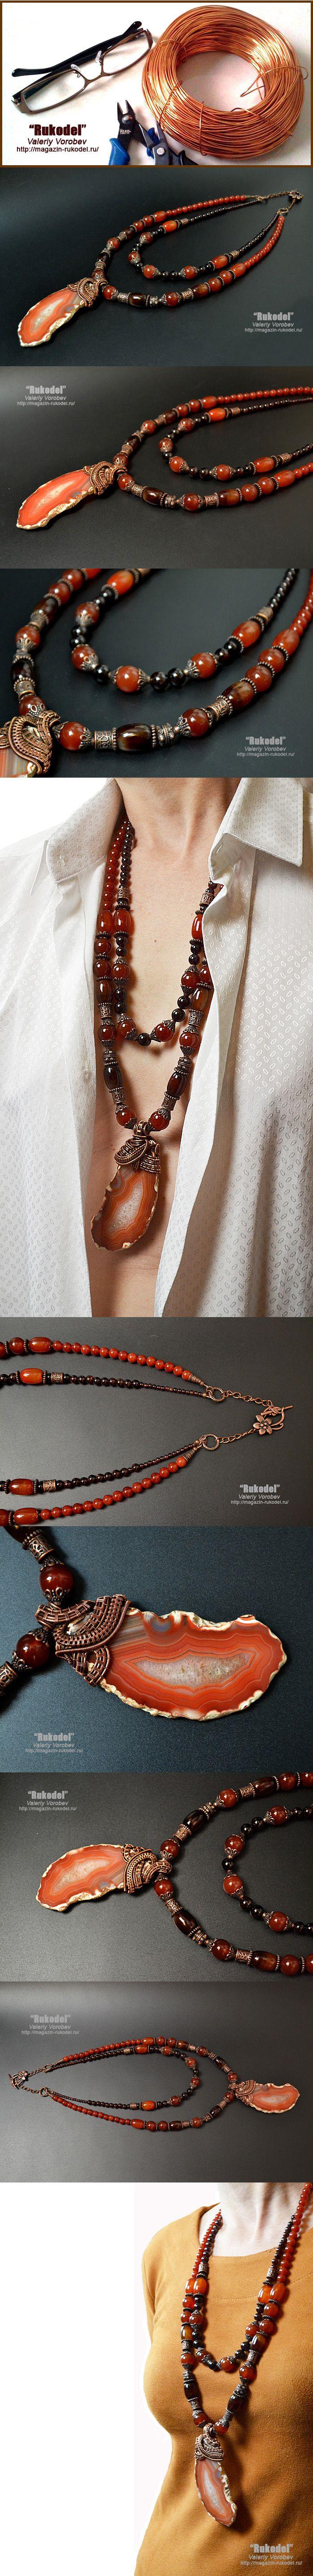 Купить Модное ожерелье с натуральными камнями.